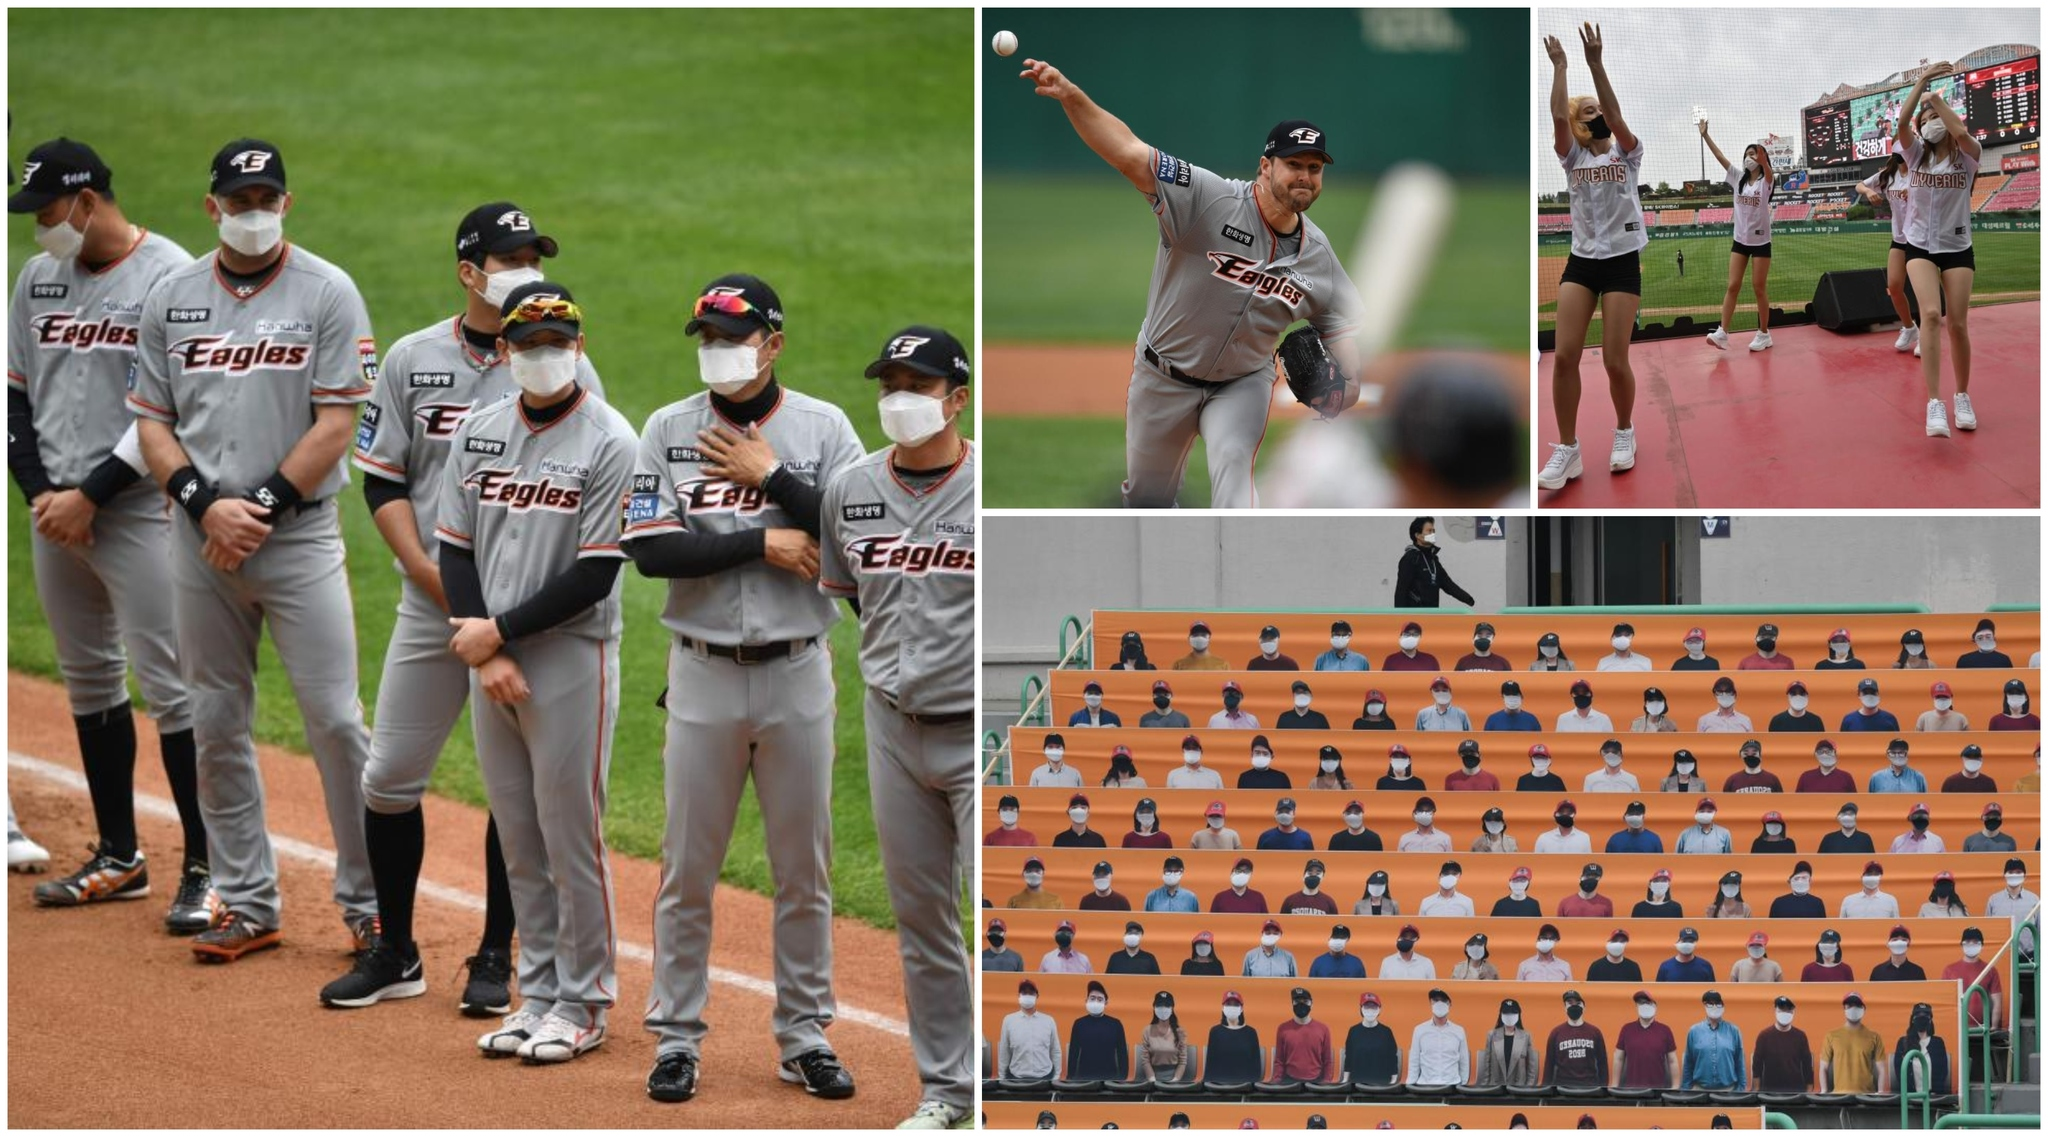 Animadoras protegidas, fotógrafos apelotonados, bateadores con mascarillas... ¡Vuelve el béisbol en Corea del Sur!